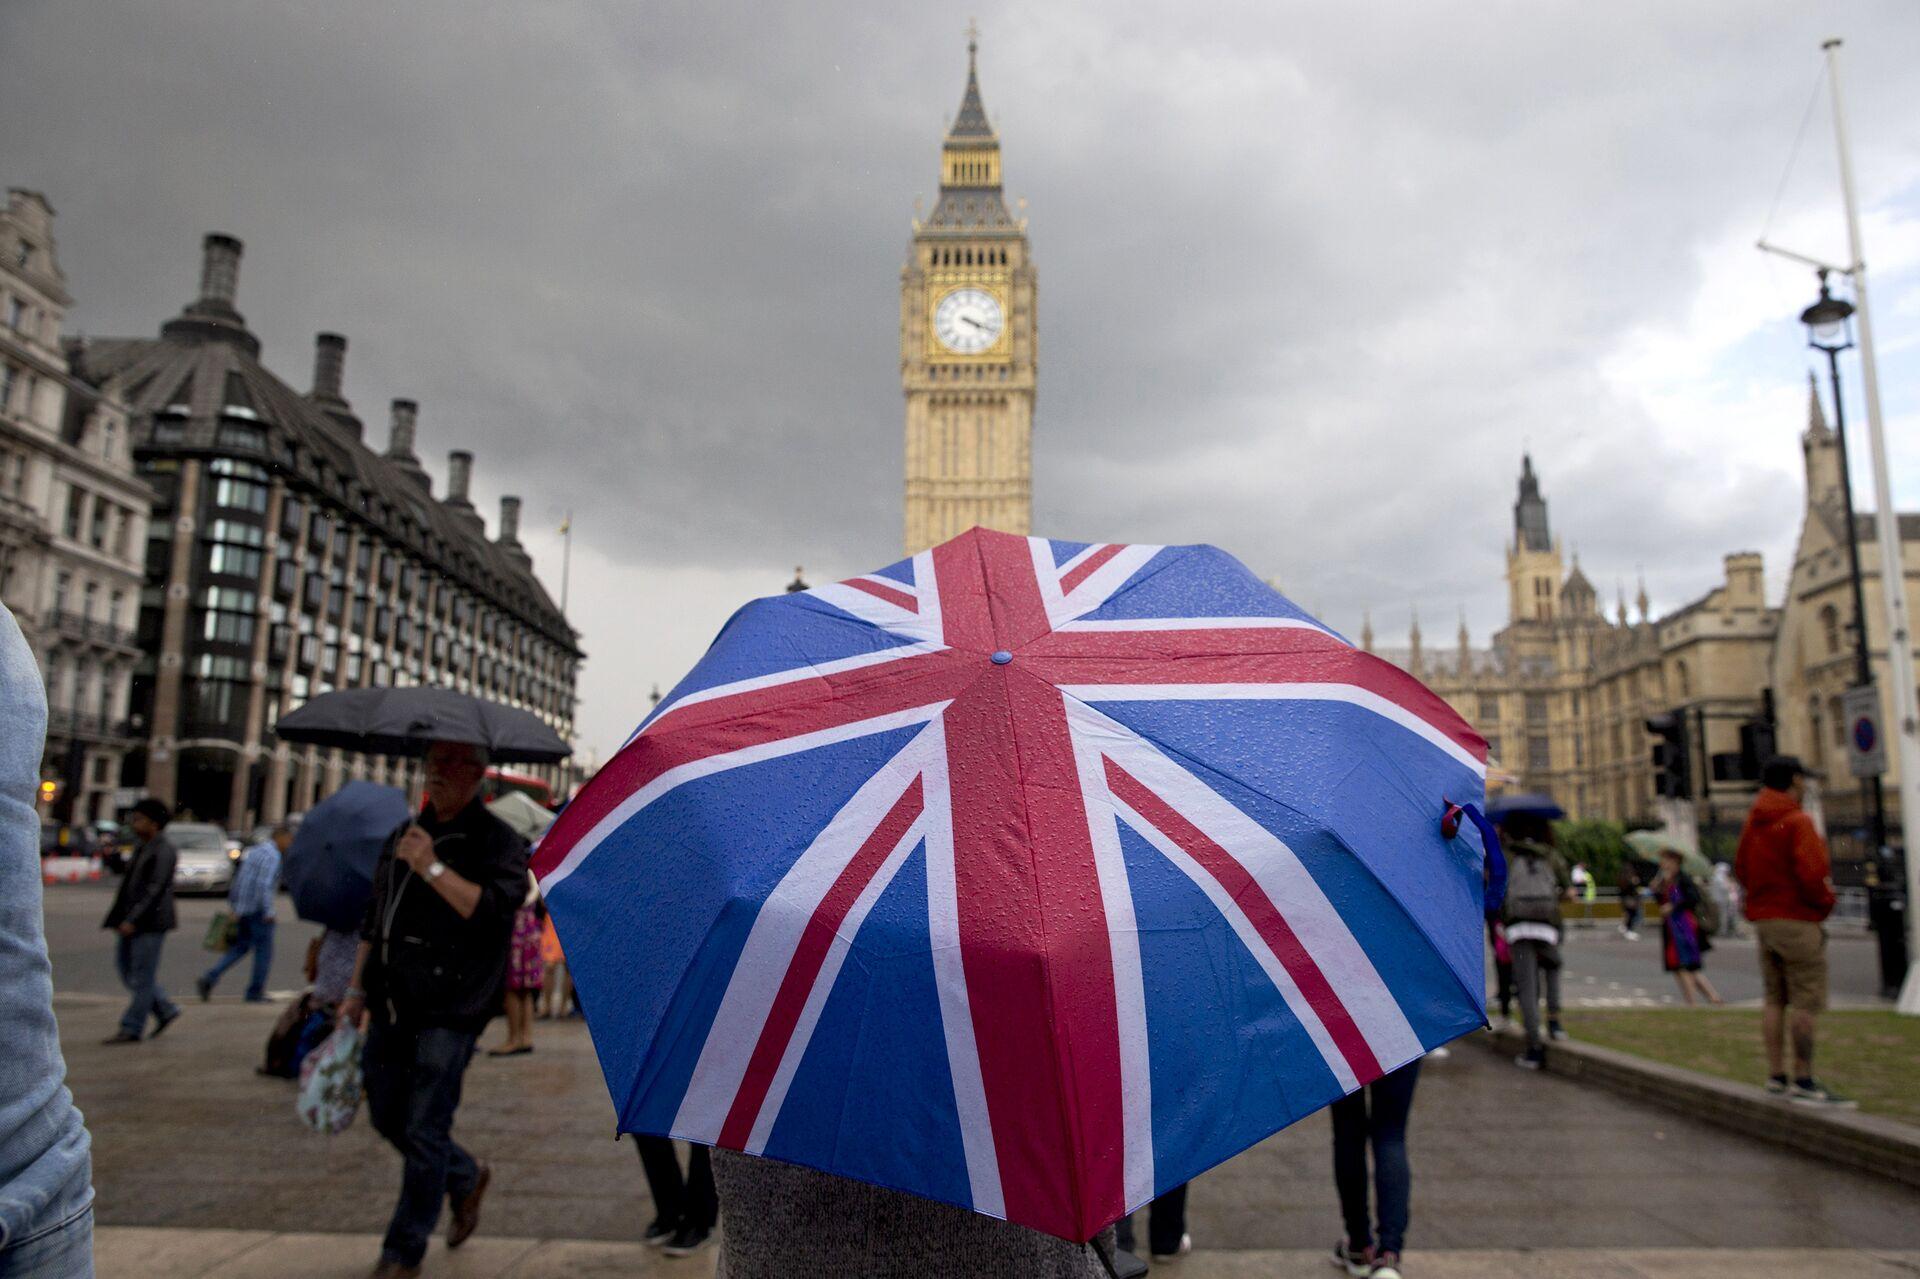 Человек с зонтом с флагом Великобритании у Биг Бена и здания парламента в Лондоне - РИА Новости, 1920, 14.12.2020